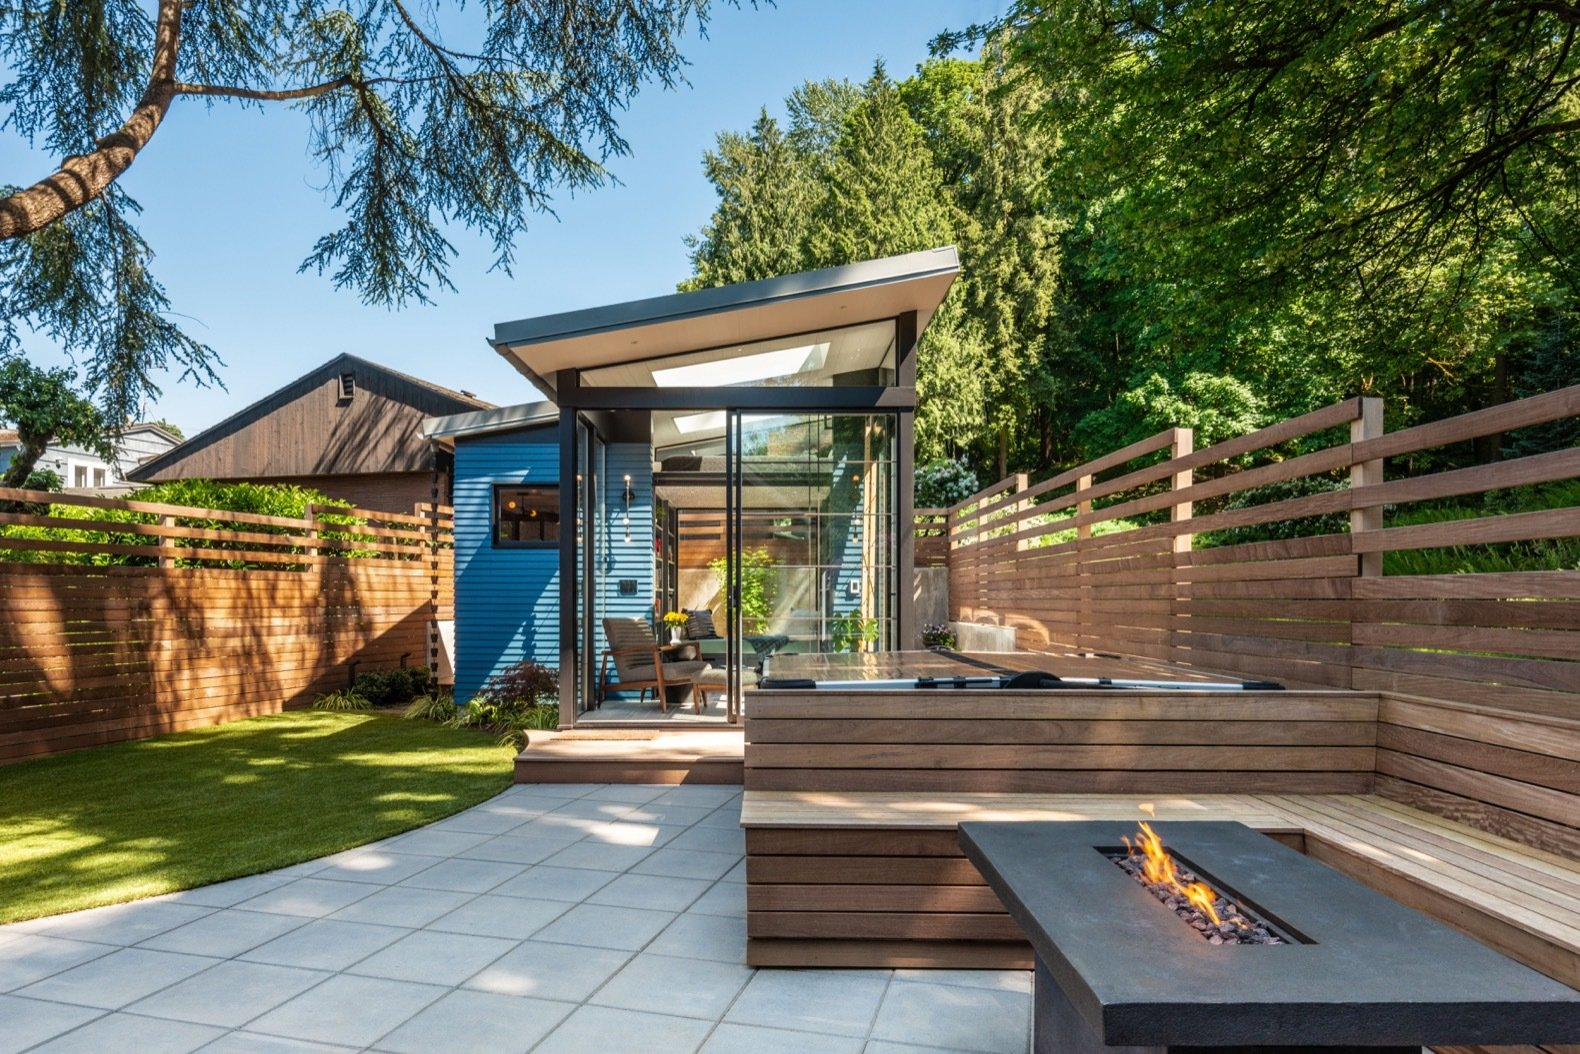 Domek dla gości na ogrodzie